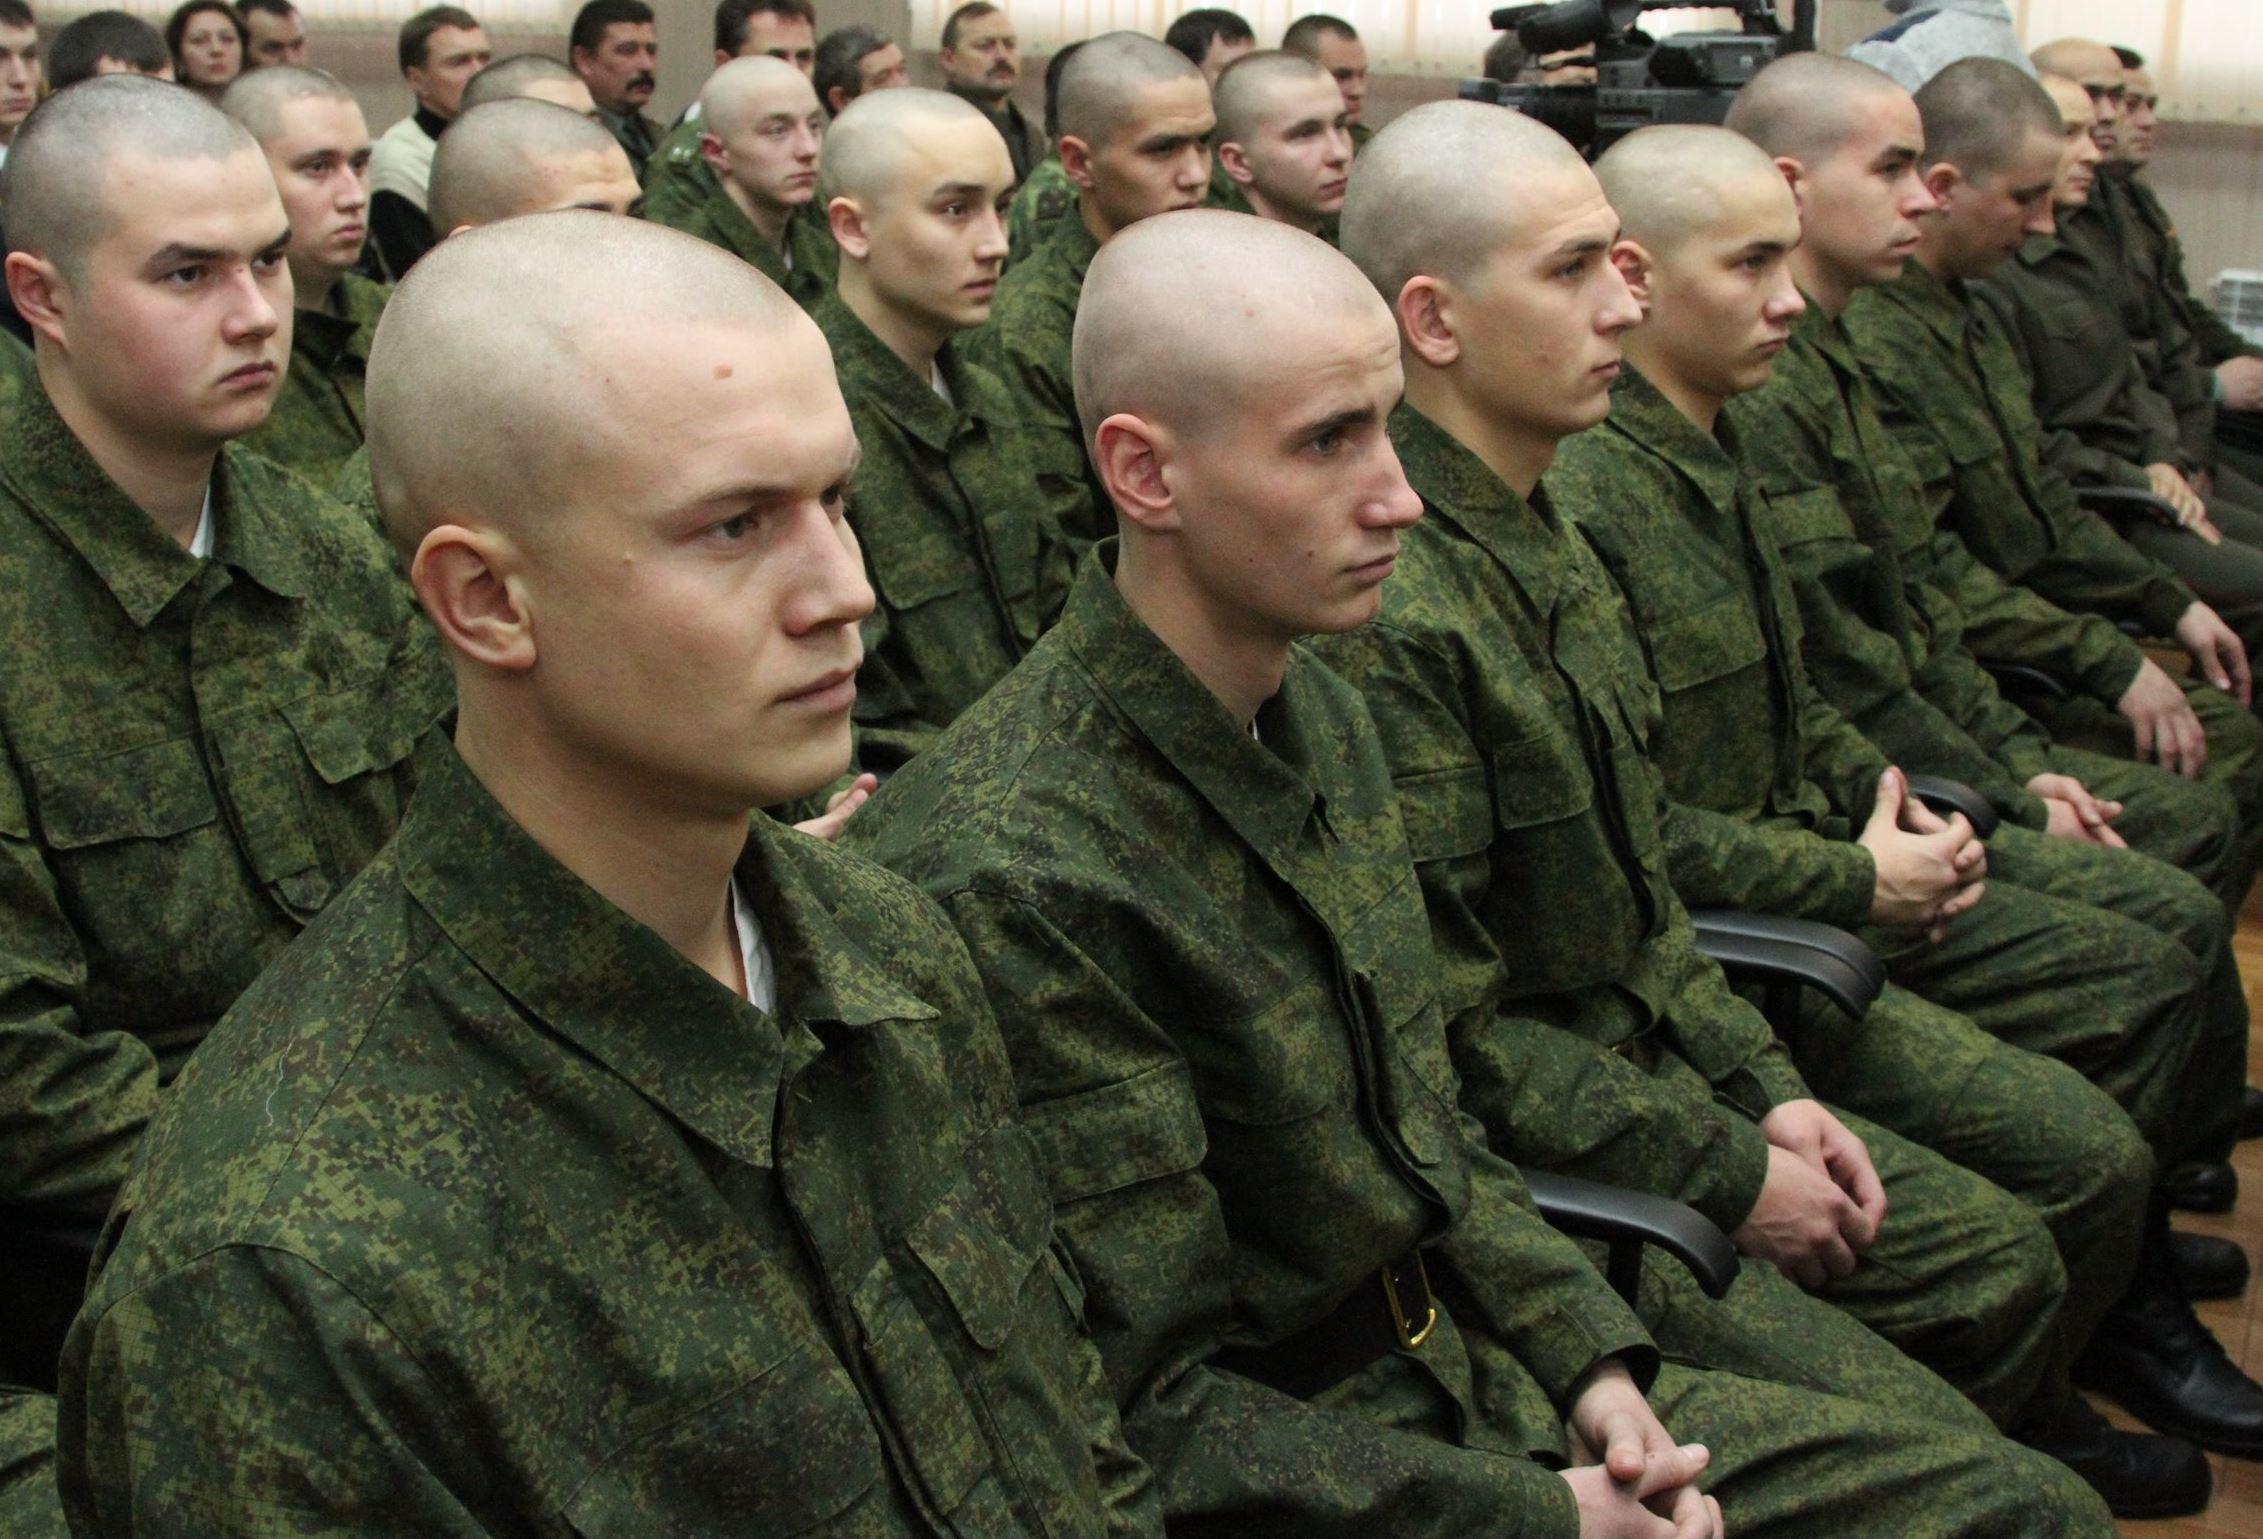 Образцы причесок военнослужащих по призыву